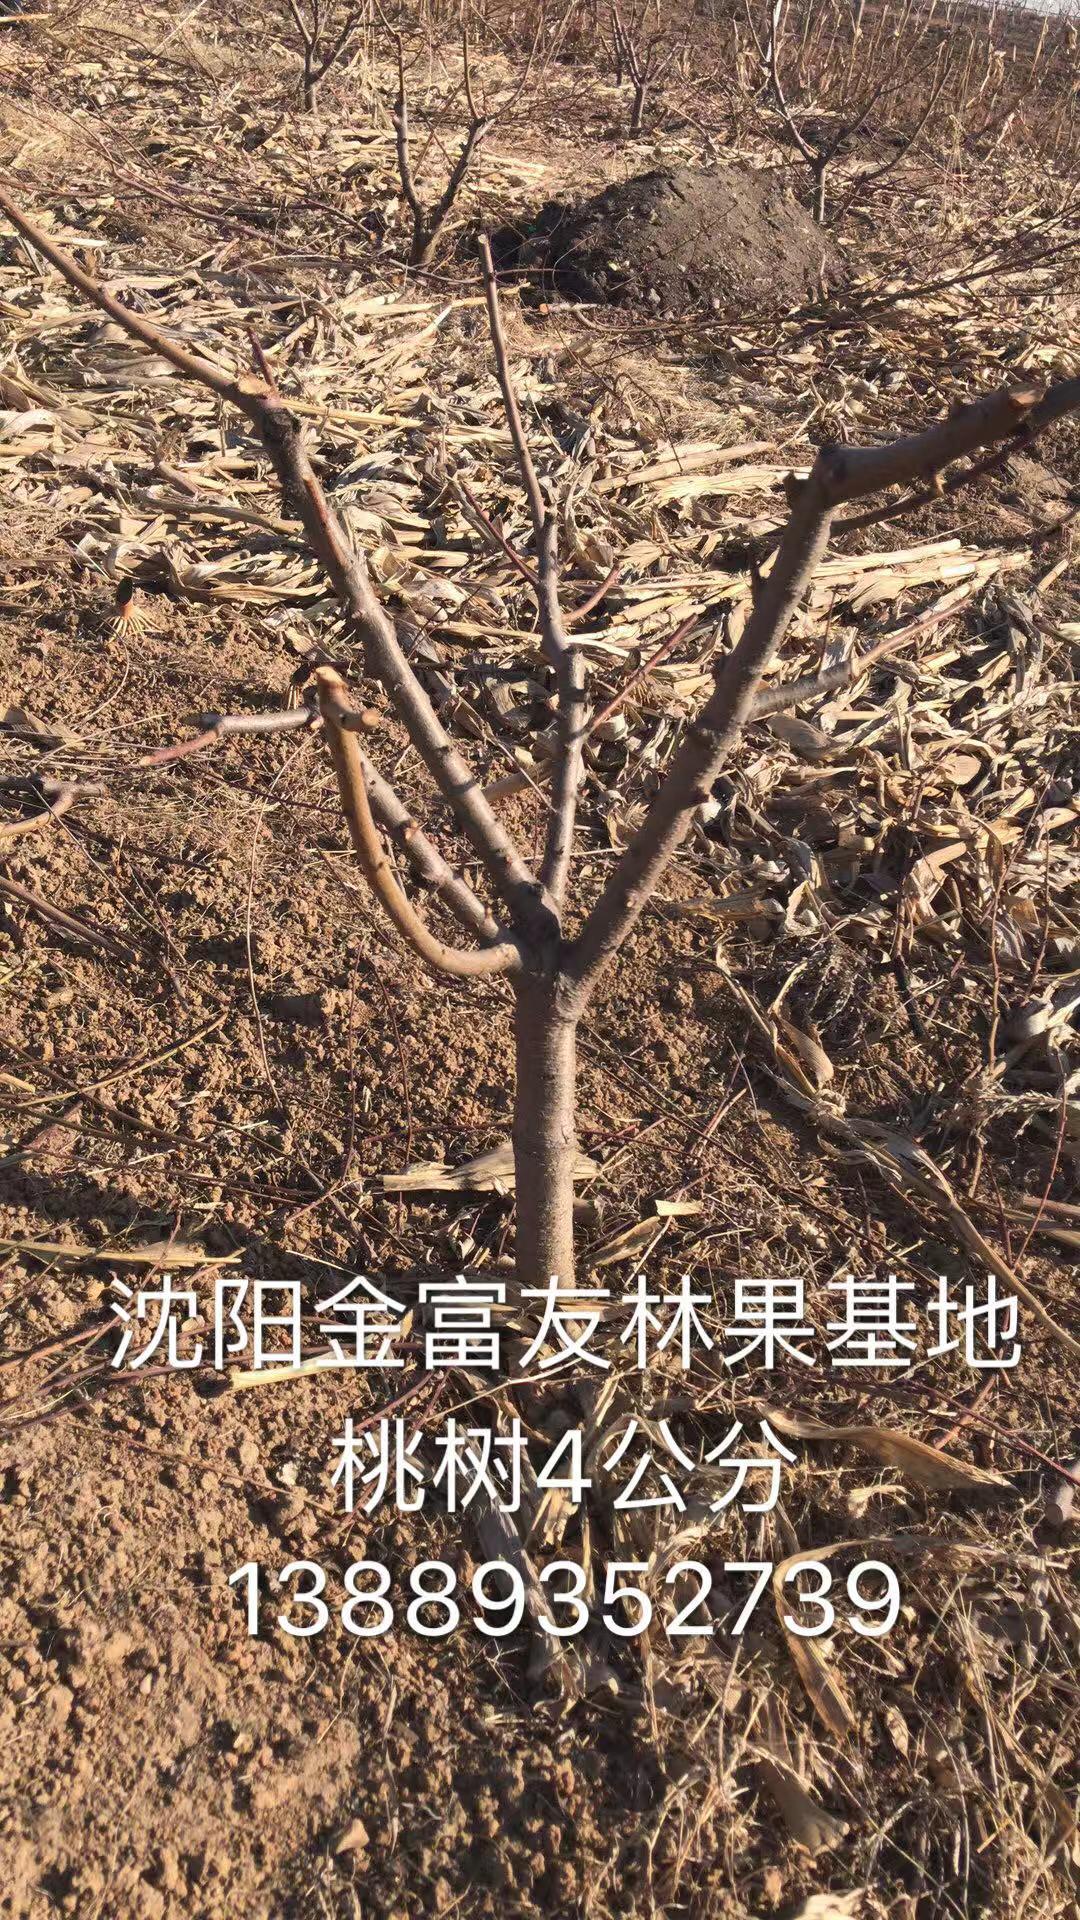 桃树4公分